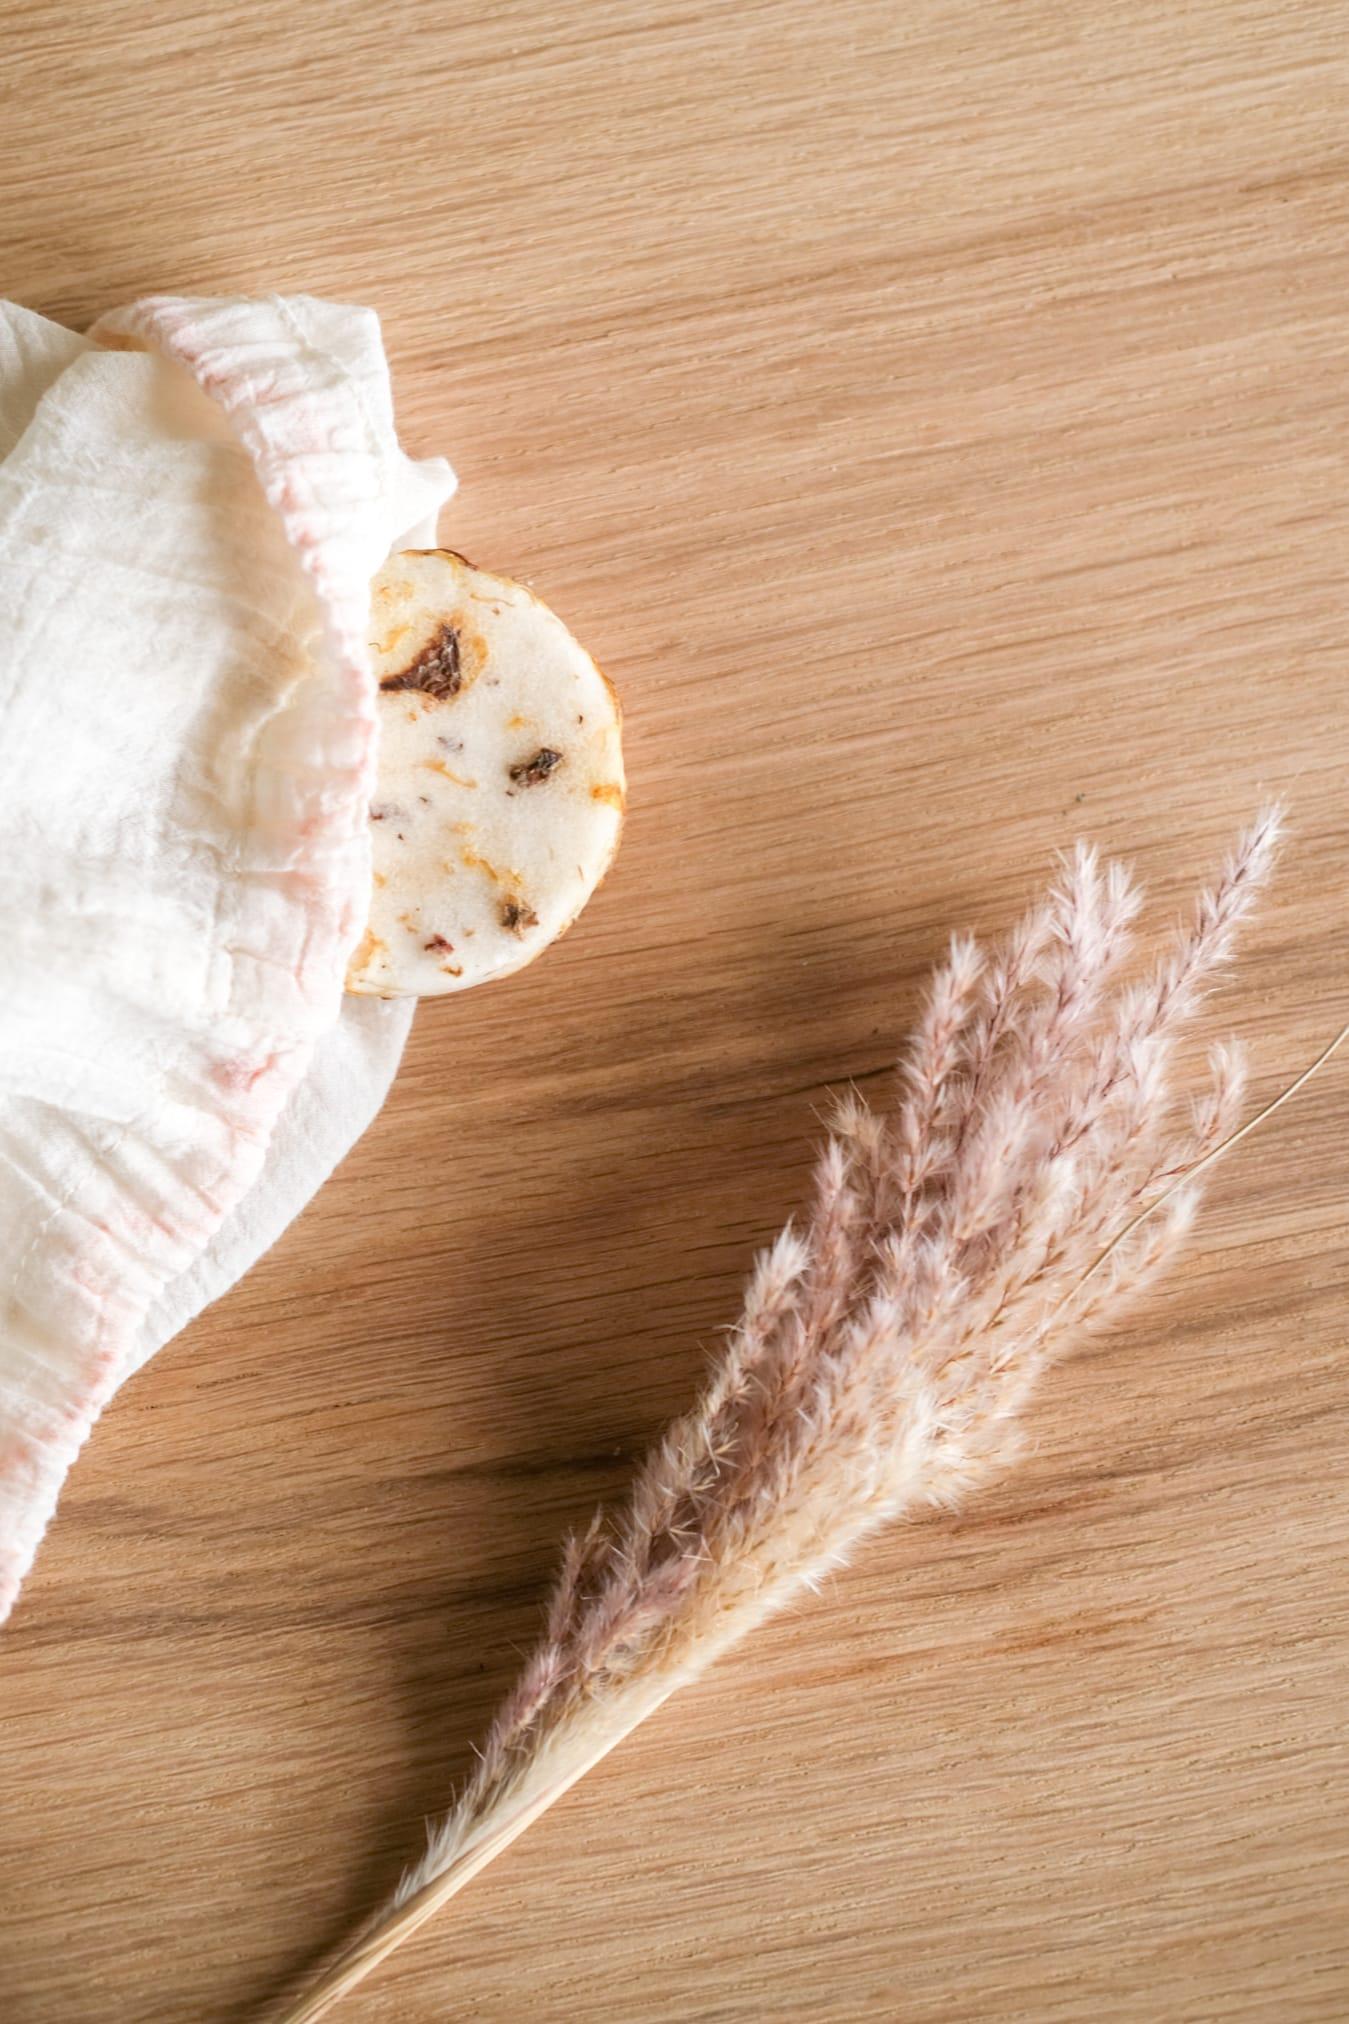 shampoobar bewaren eocologische katoenen zakjes